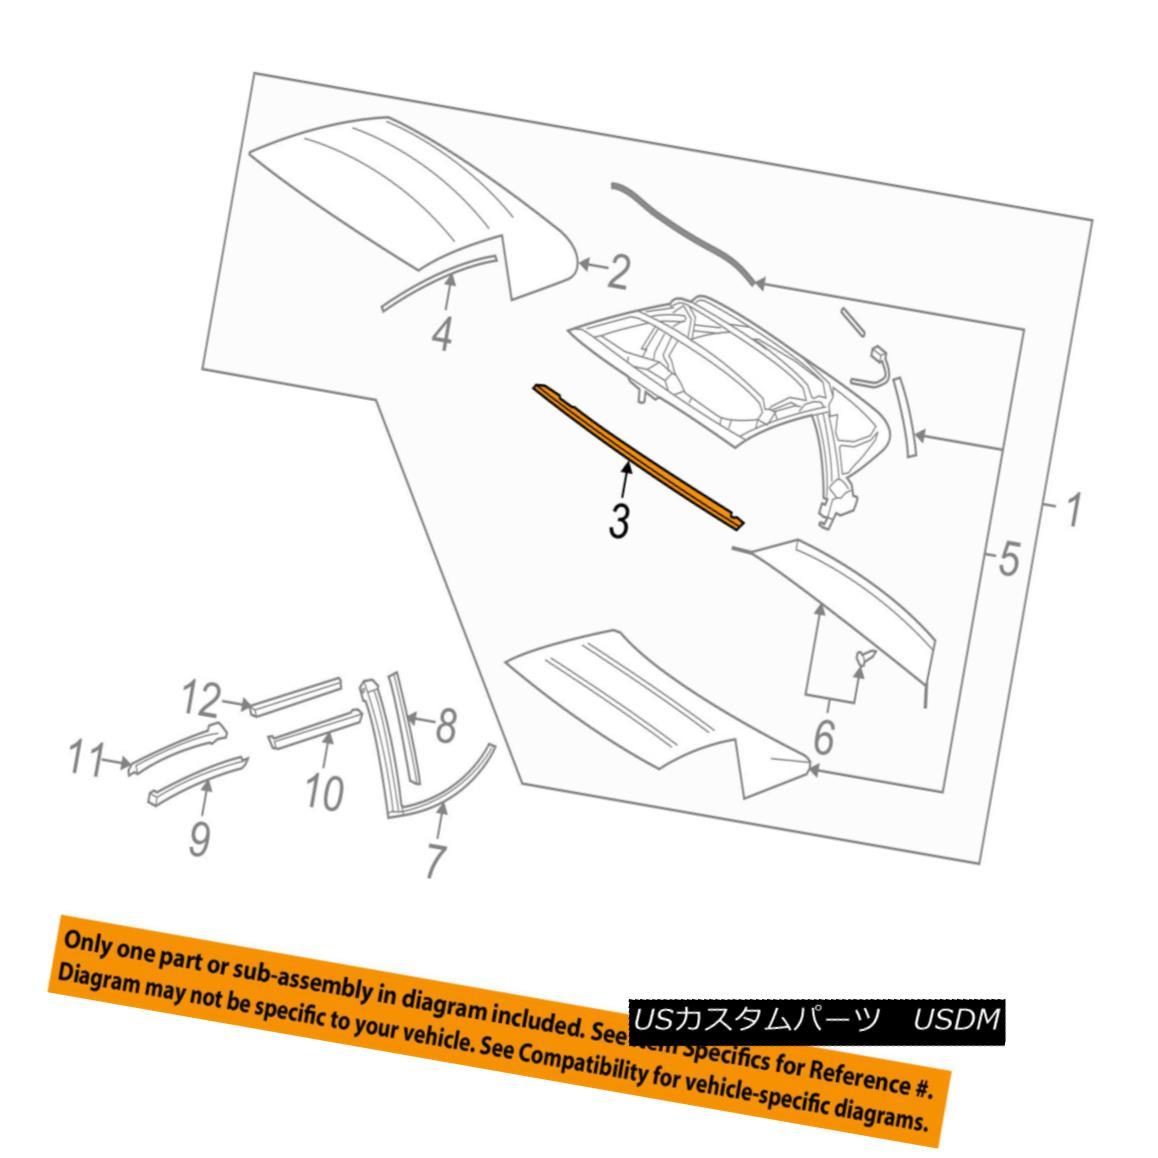 幌・ソフトトップ Chevrolet GM OEM 05-13 Corvette Convertible/soft Top-Retainer 20863581 Chevrolet GM OEM 05-13コルベット・コンバーチブル/ so ftトップ・リテーナー20863581